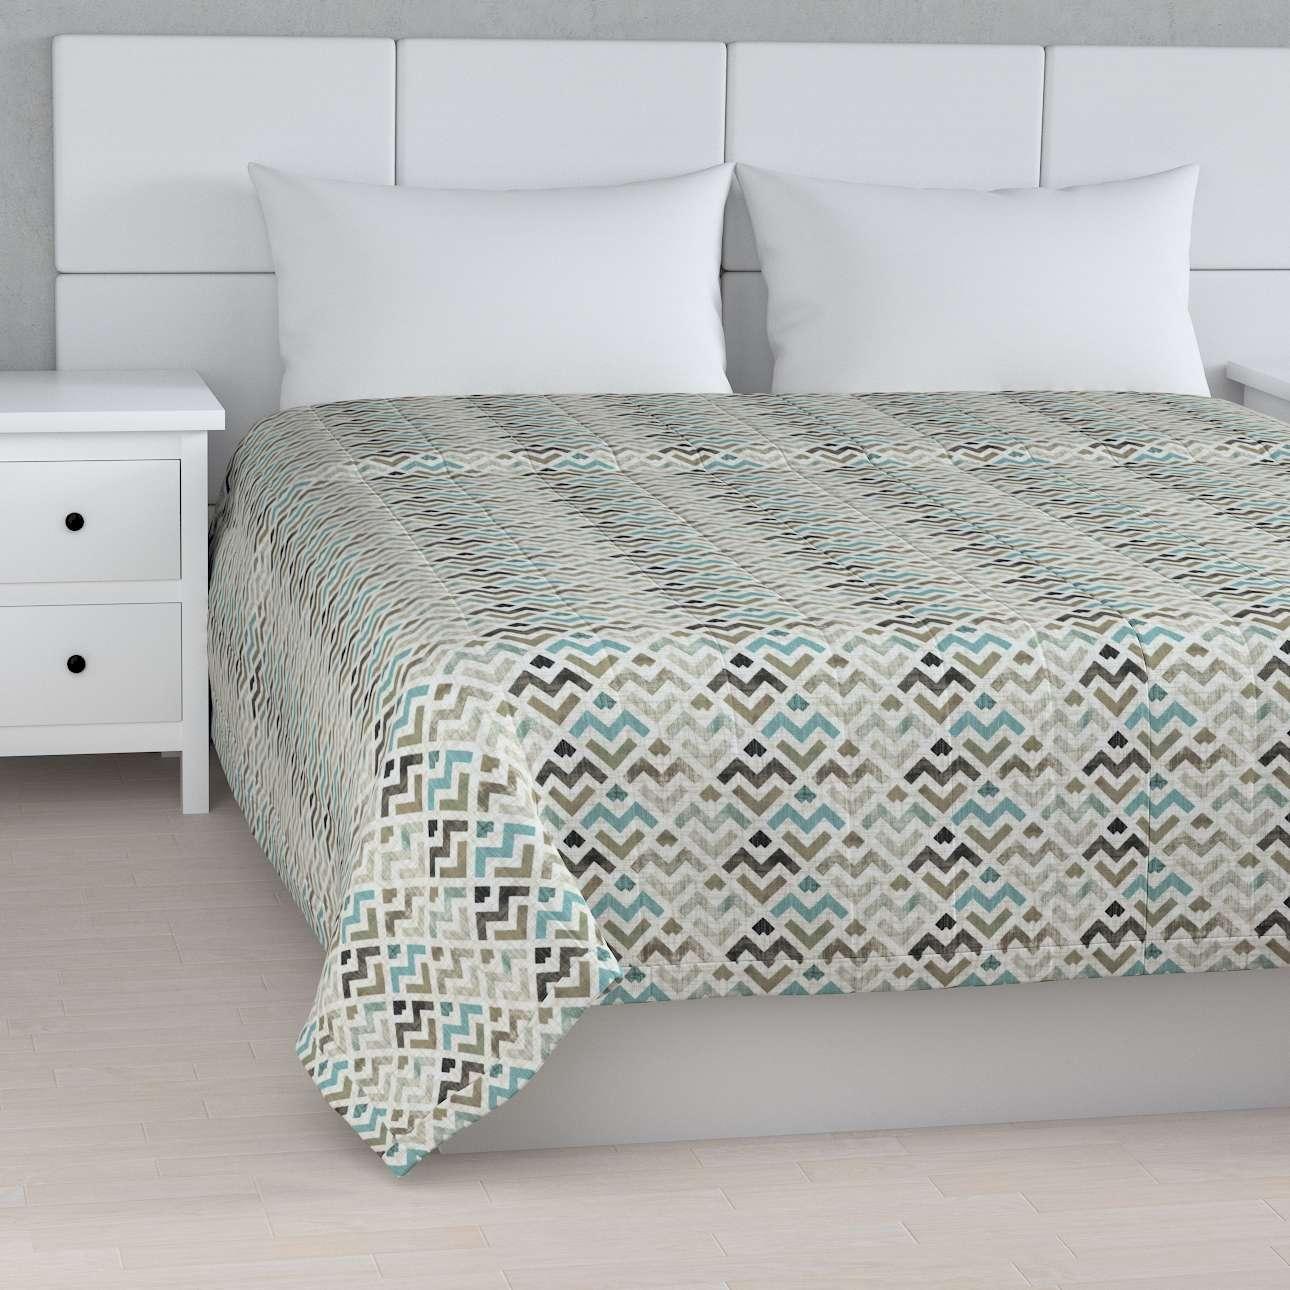 Narzuta pikowana w pasy w kolekcji Modern, tkanina: 141-93